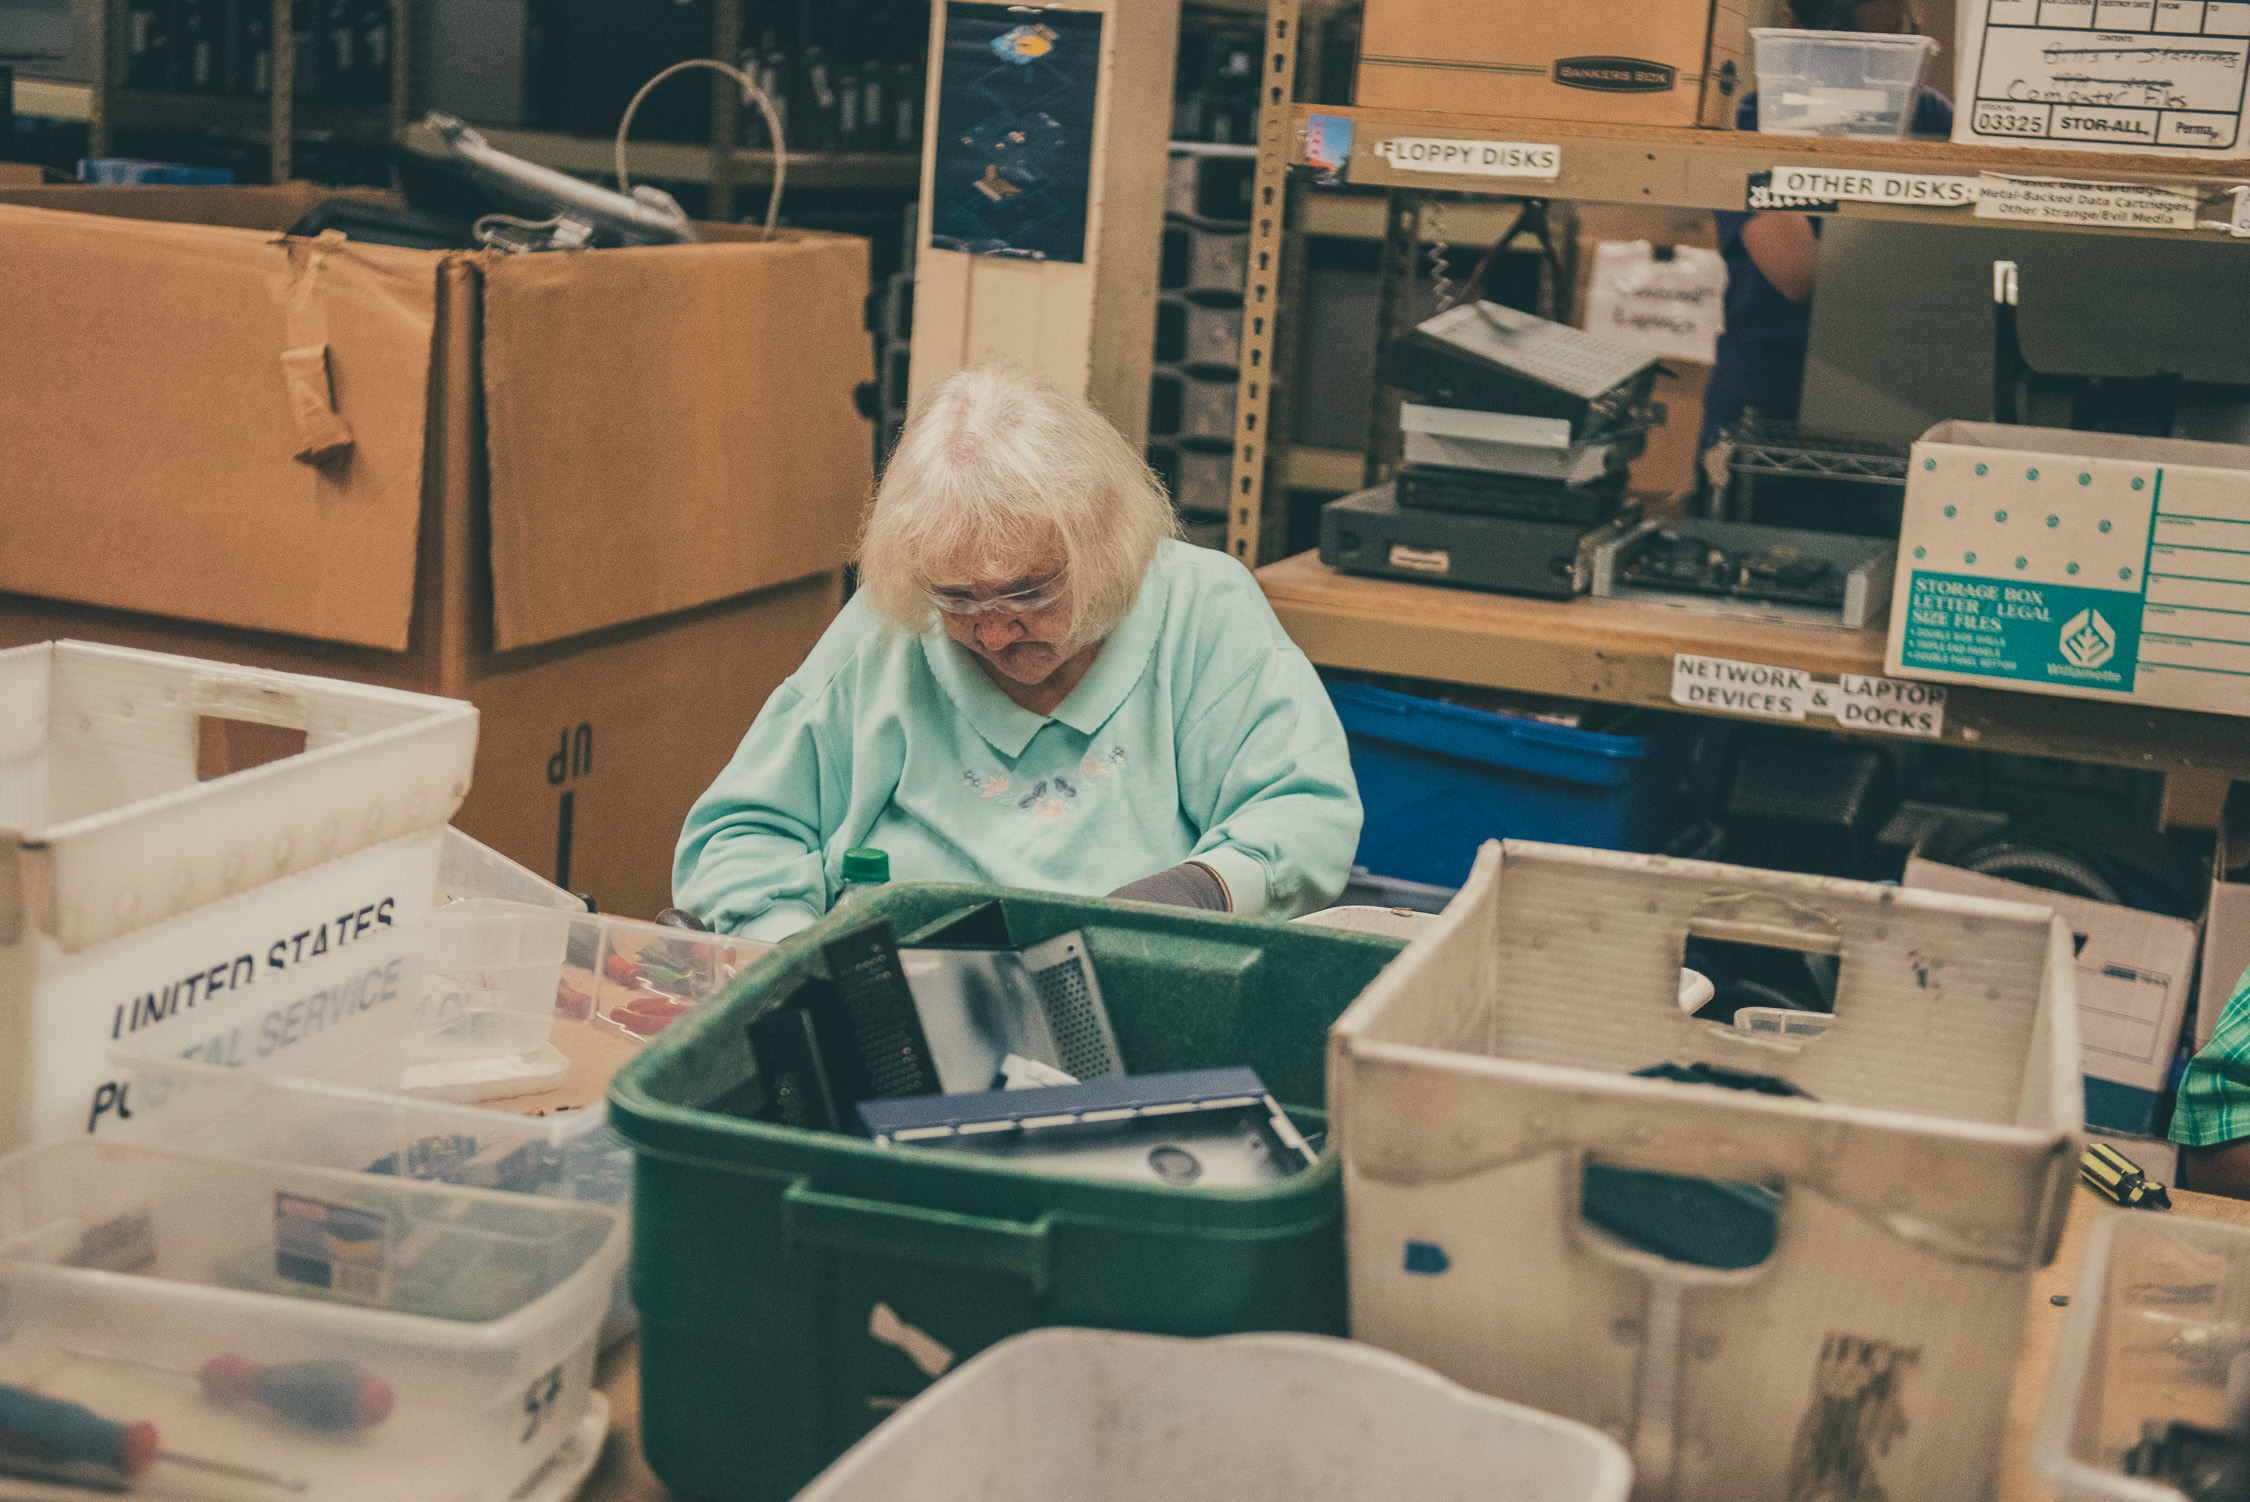 Free Geek Another Look 09.10.15-34.jpg